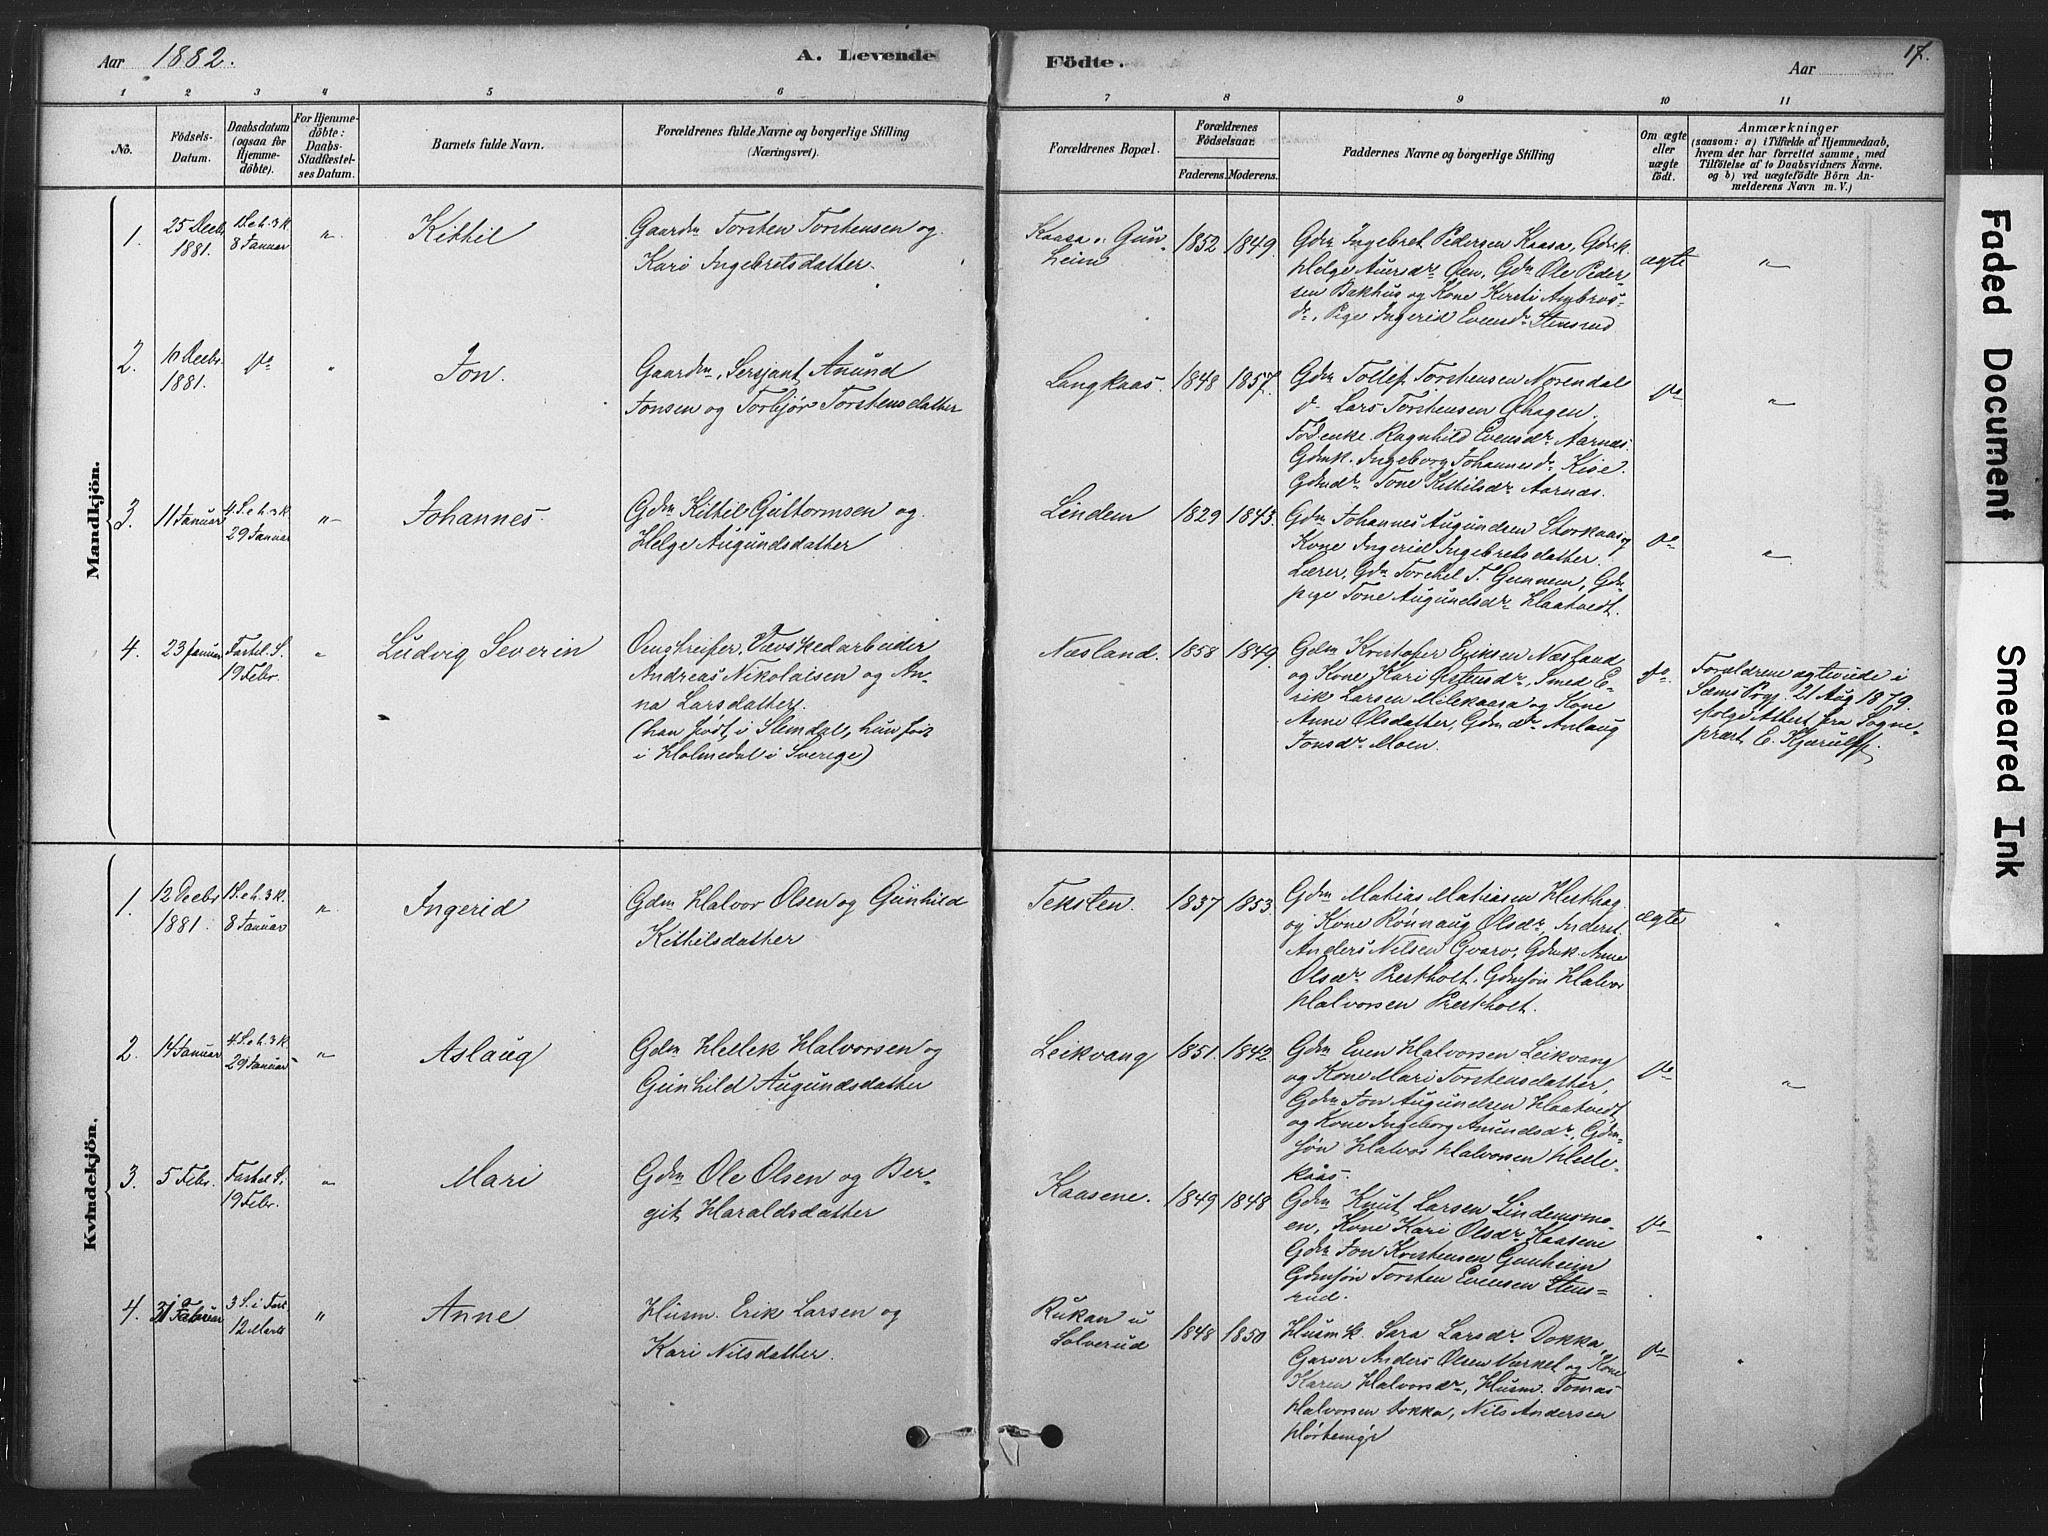 SAKO, Sauherad kirkebøker, F/Fb/L0002: Ministerialbok nr. II 2, 1878-1901, s. 17